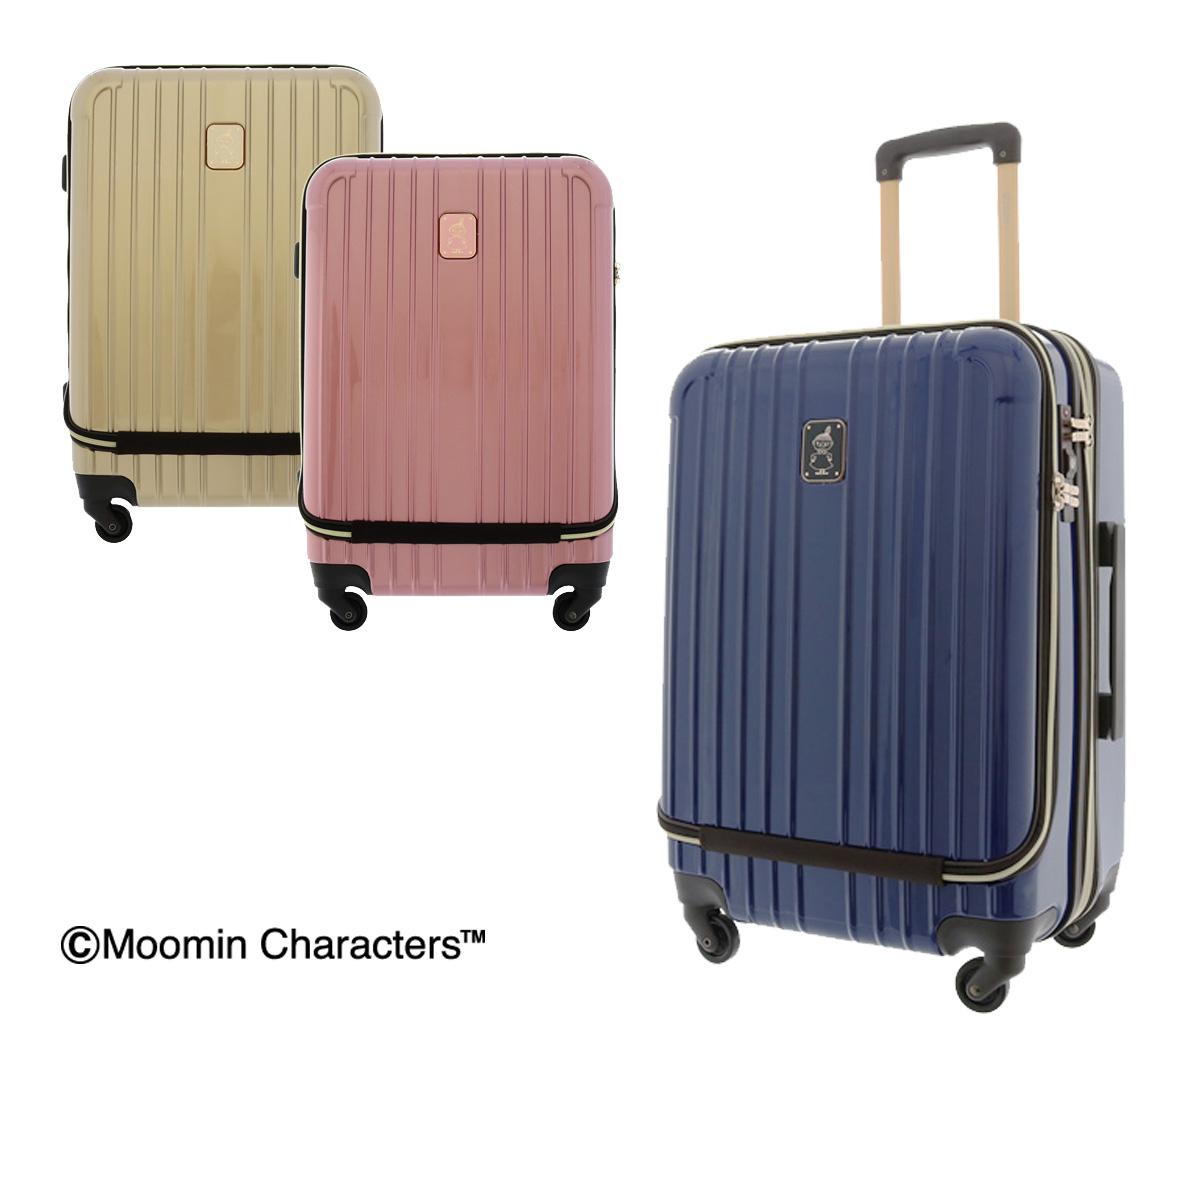 ムーミン スーツケース スーツケース 53L 55cm ハード フロントオープン ハード TSAロック MM2-010 MOOMIN MM2-010 キャリーケース 4輪 拡張【一年間保証】[PO10][bef][即日発送], ハニーミント:4edb09bb --- sunward.msk.ru